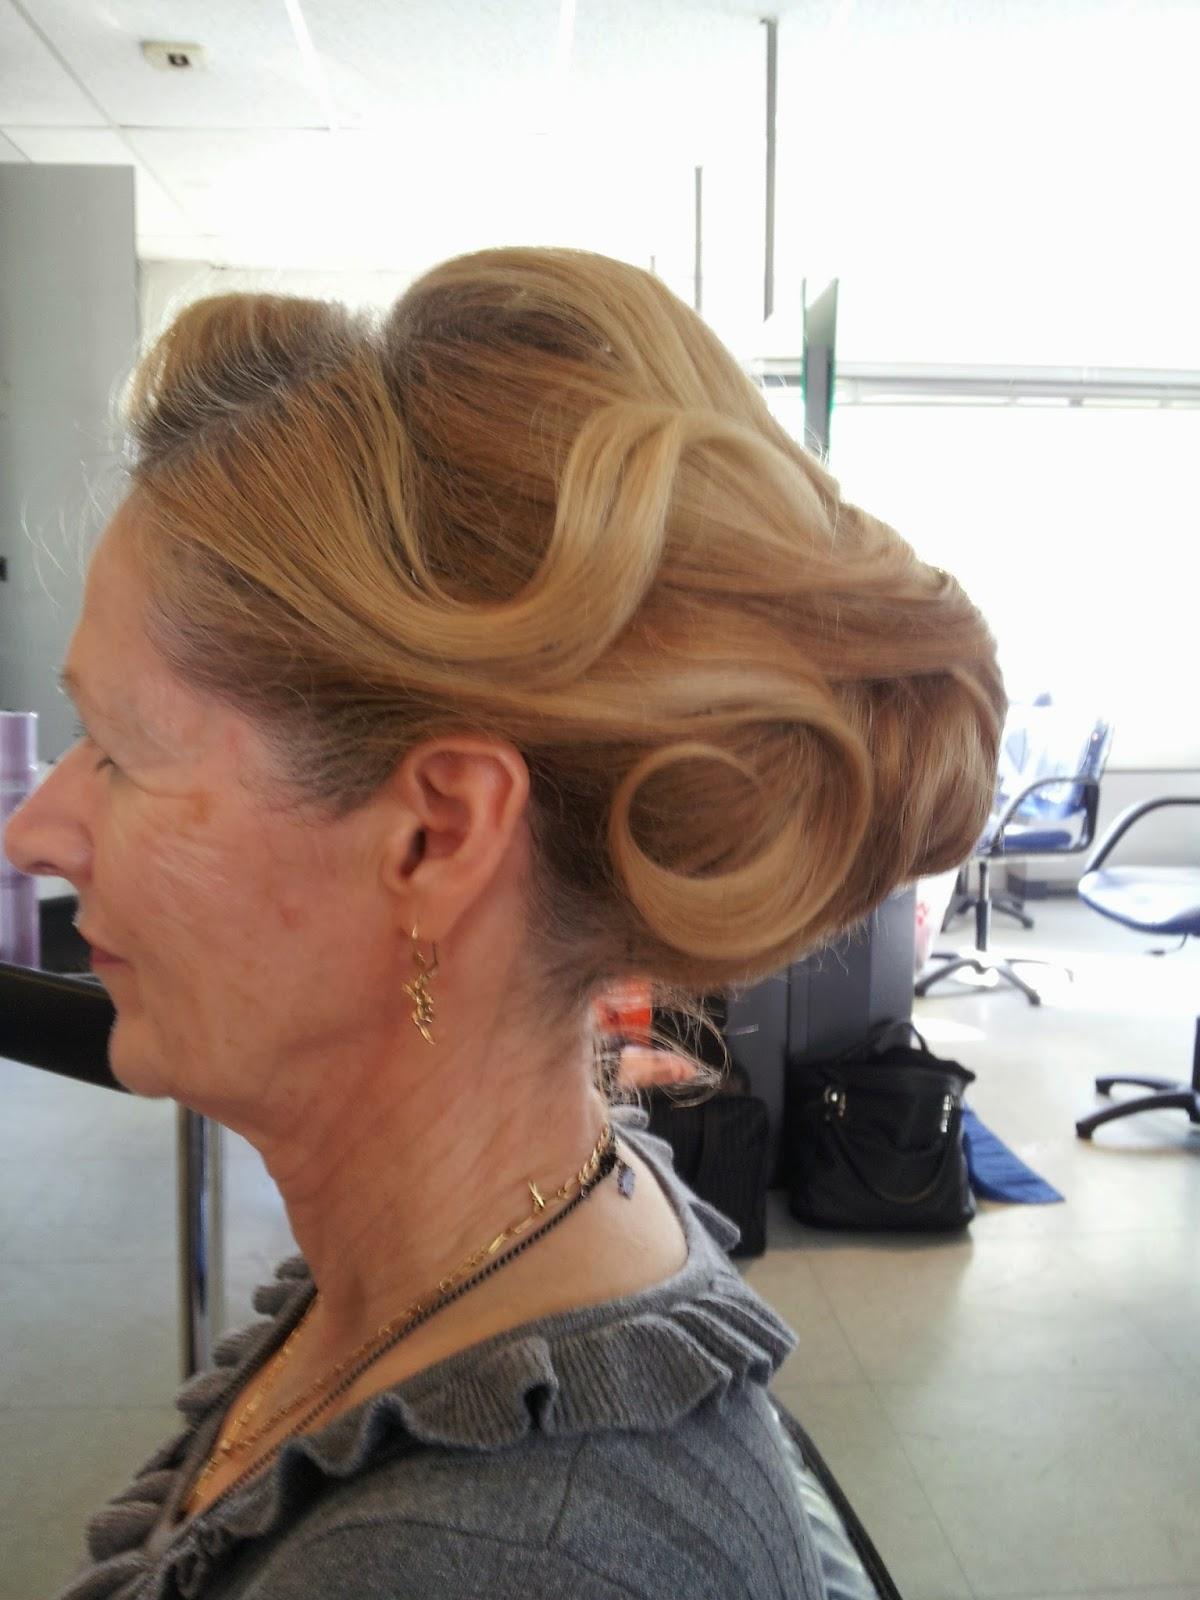 Un chignon bas réalisé par Eddy, coiffeur visagiste, coloriste et maquilleur à Montpellier, au Studio 54.